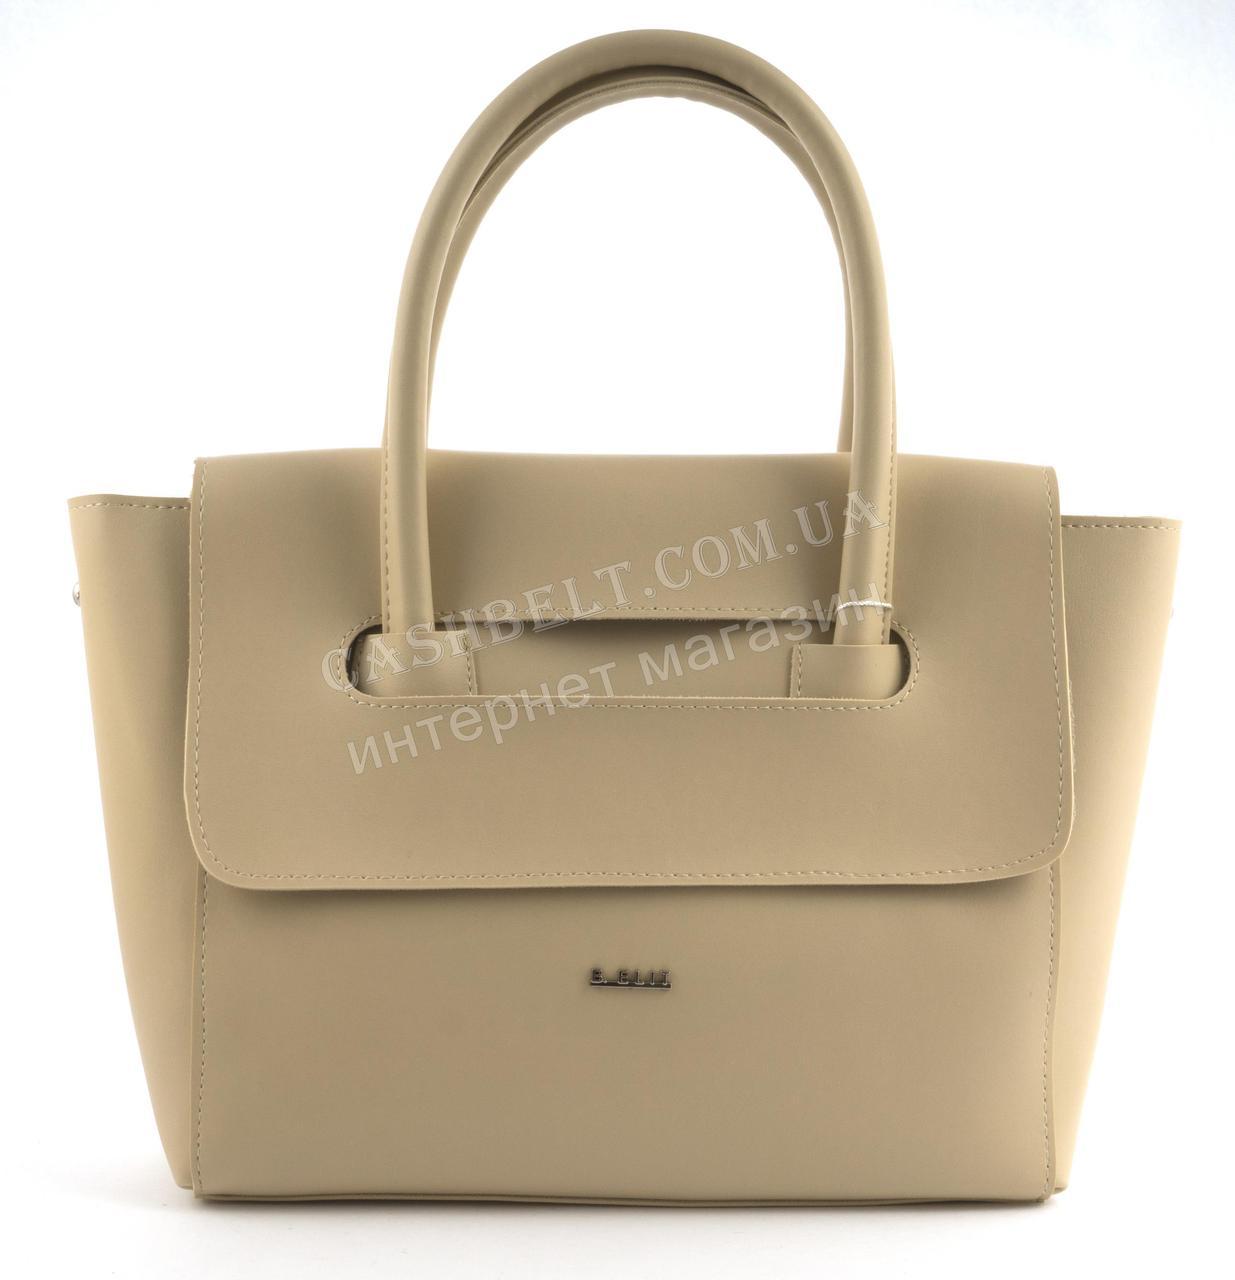 Оригінальна якісна сумка з еко шкіри дуже високої якості B. Elite art. 06-54 бежева